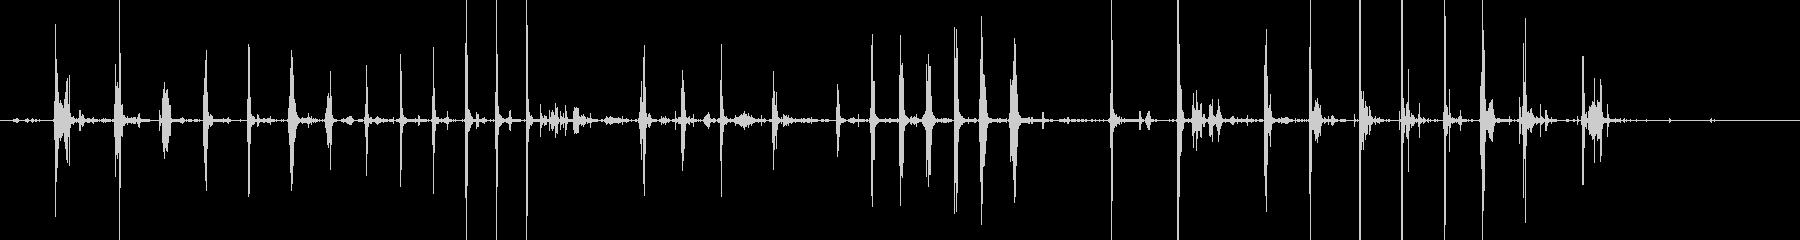 ザッザッ…スコップで雪をすくう(雪掻き)の未再生の波形